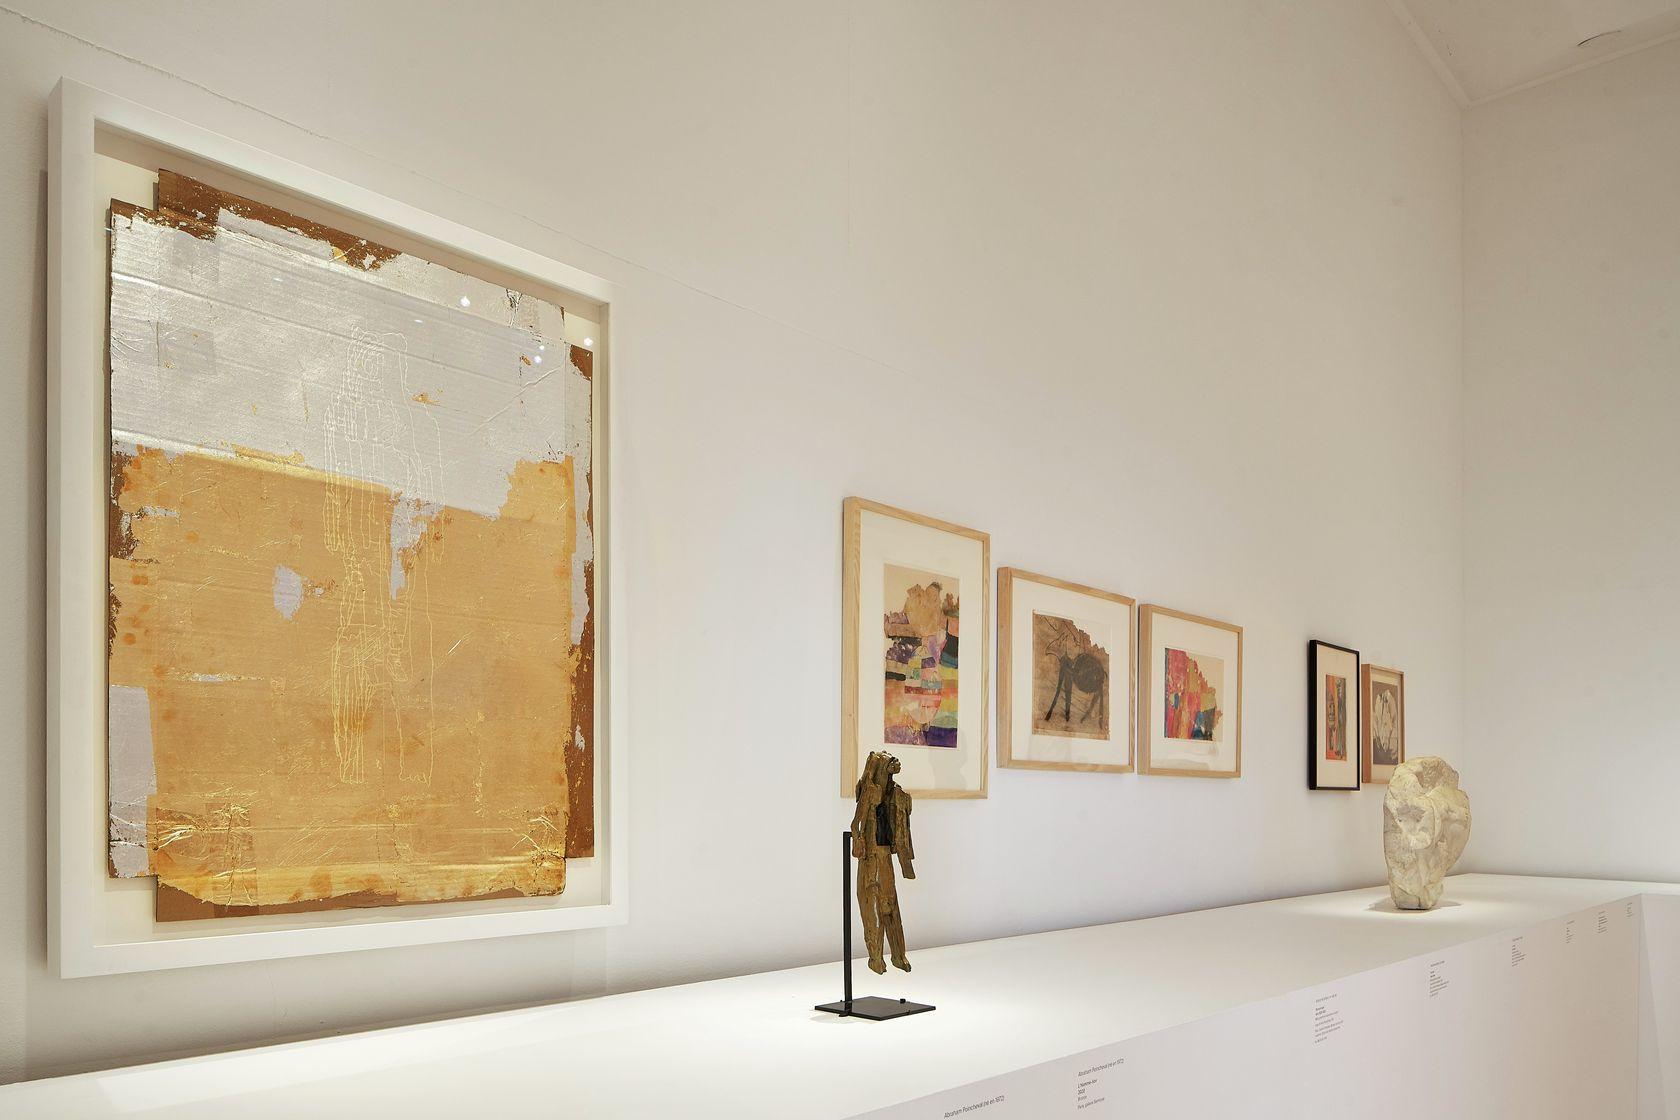 Laurent Le Deunff & Abraham Poincheval L'Âme primitive Musée Zadkine, Paris (FR) 28 septembre 2021 — 27 février 2022